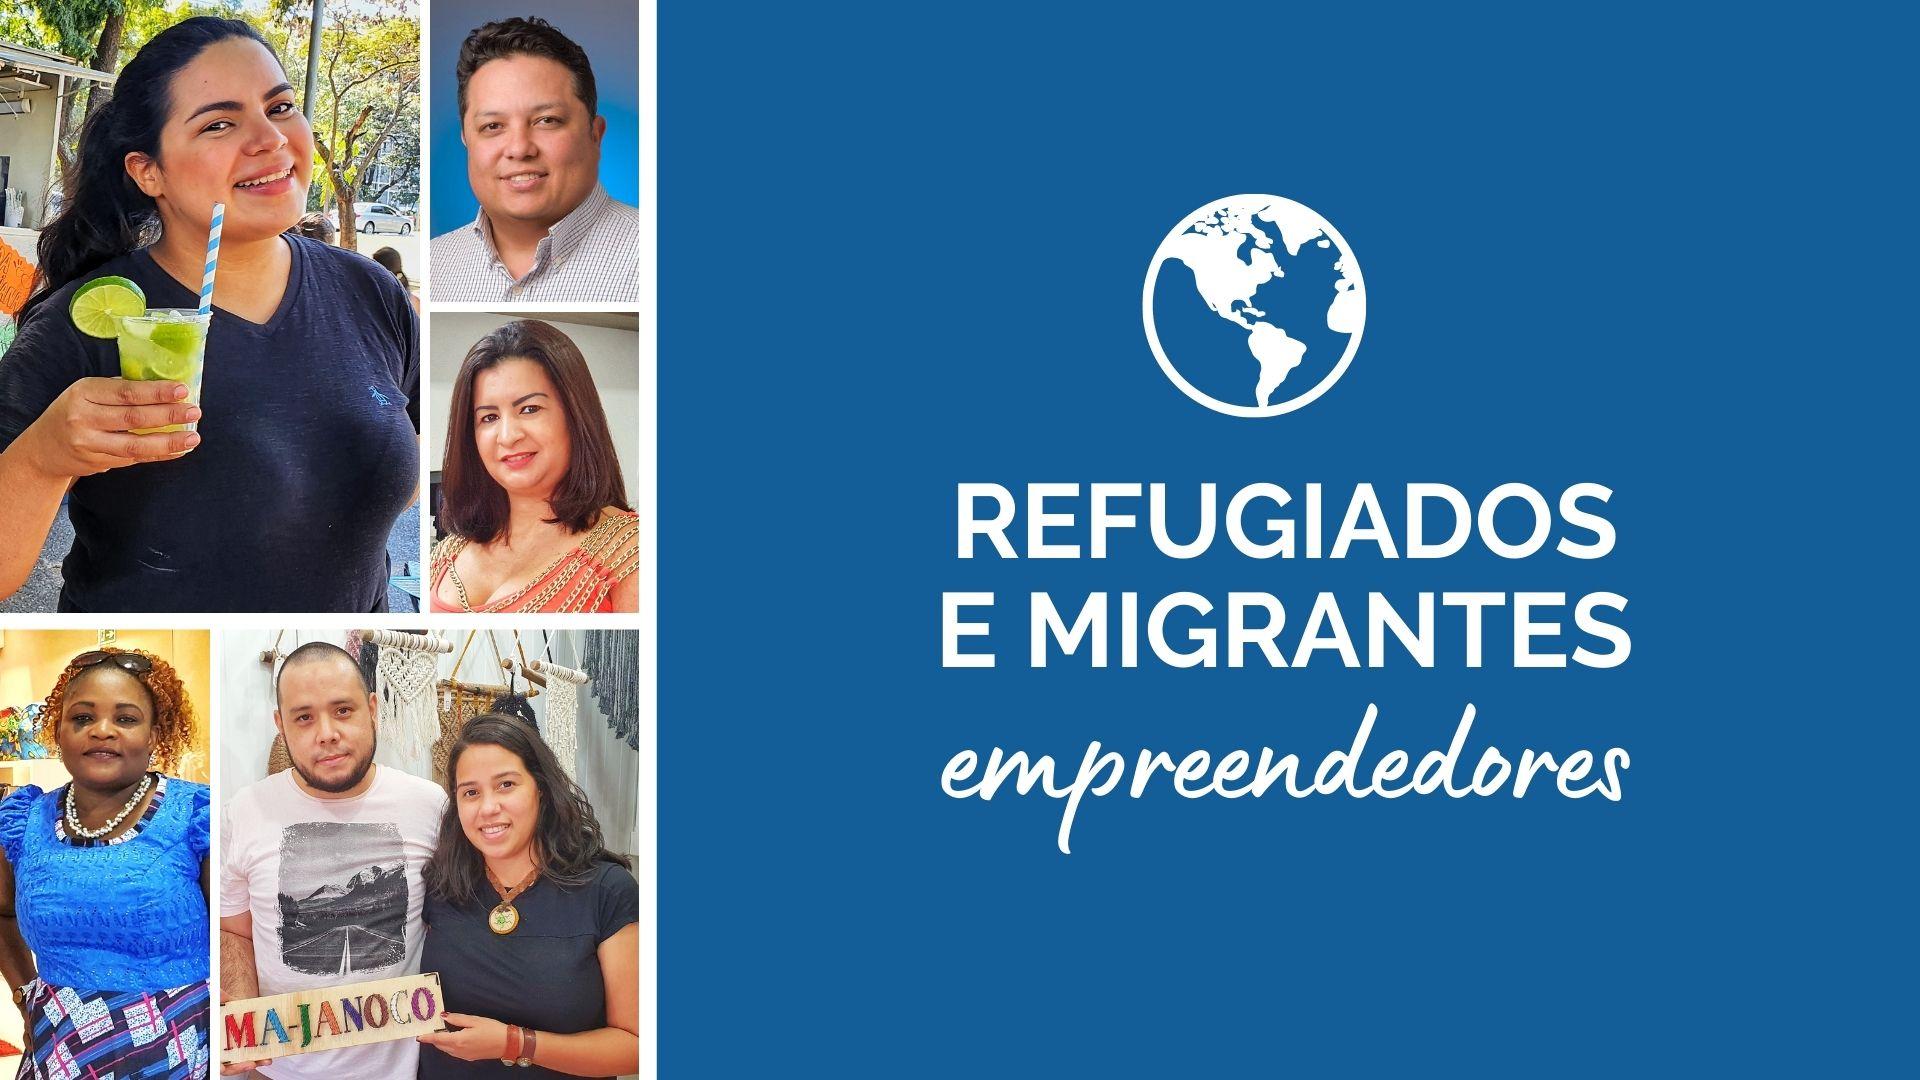 """Semana do Migrante: IMDH apresenta campanha """"Refugiados e Migrantes empreendedores"""""""